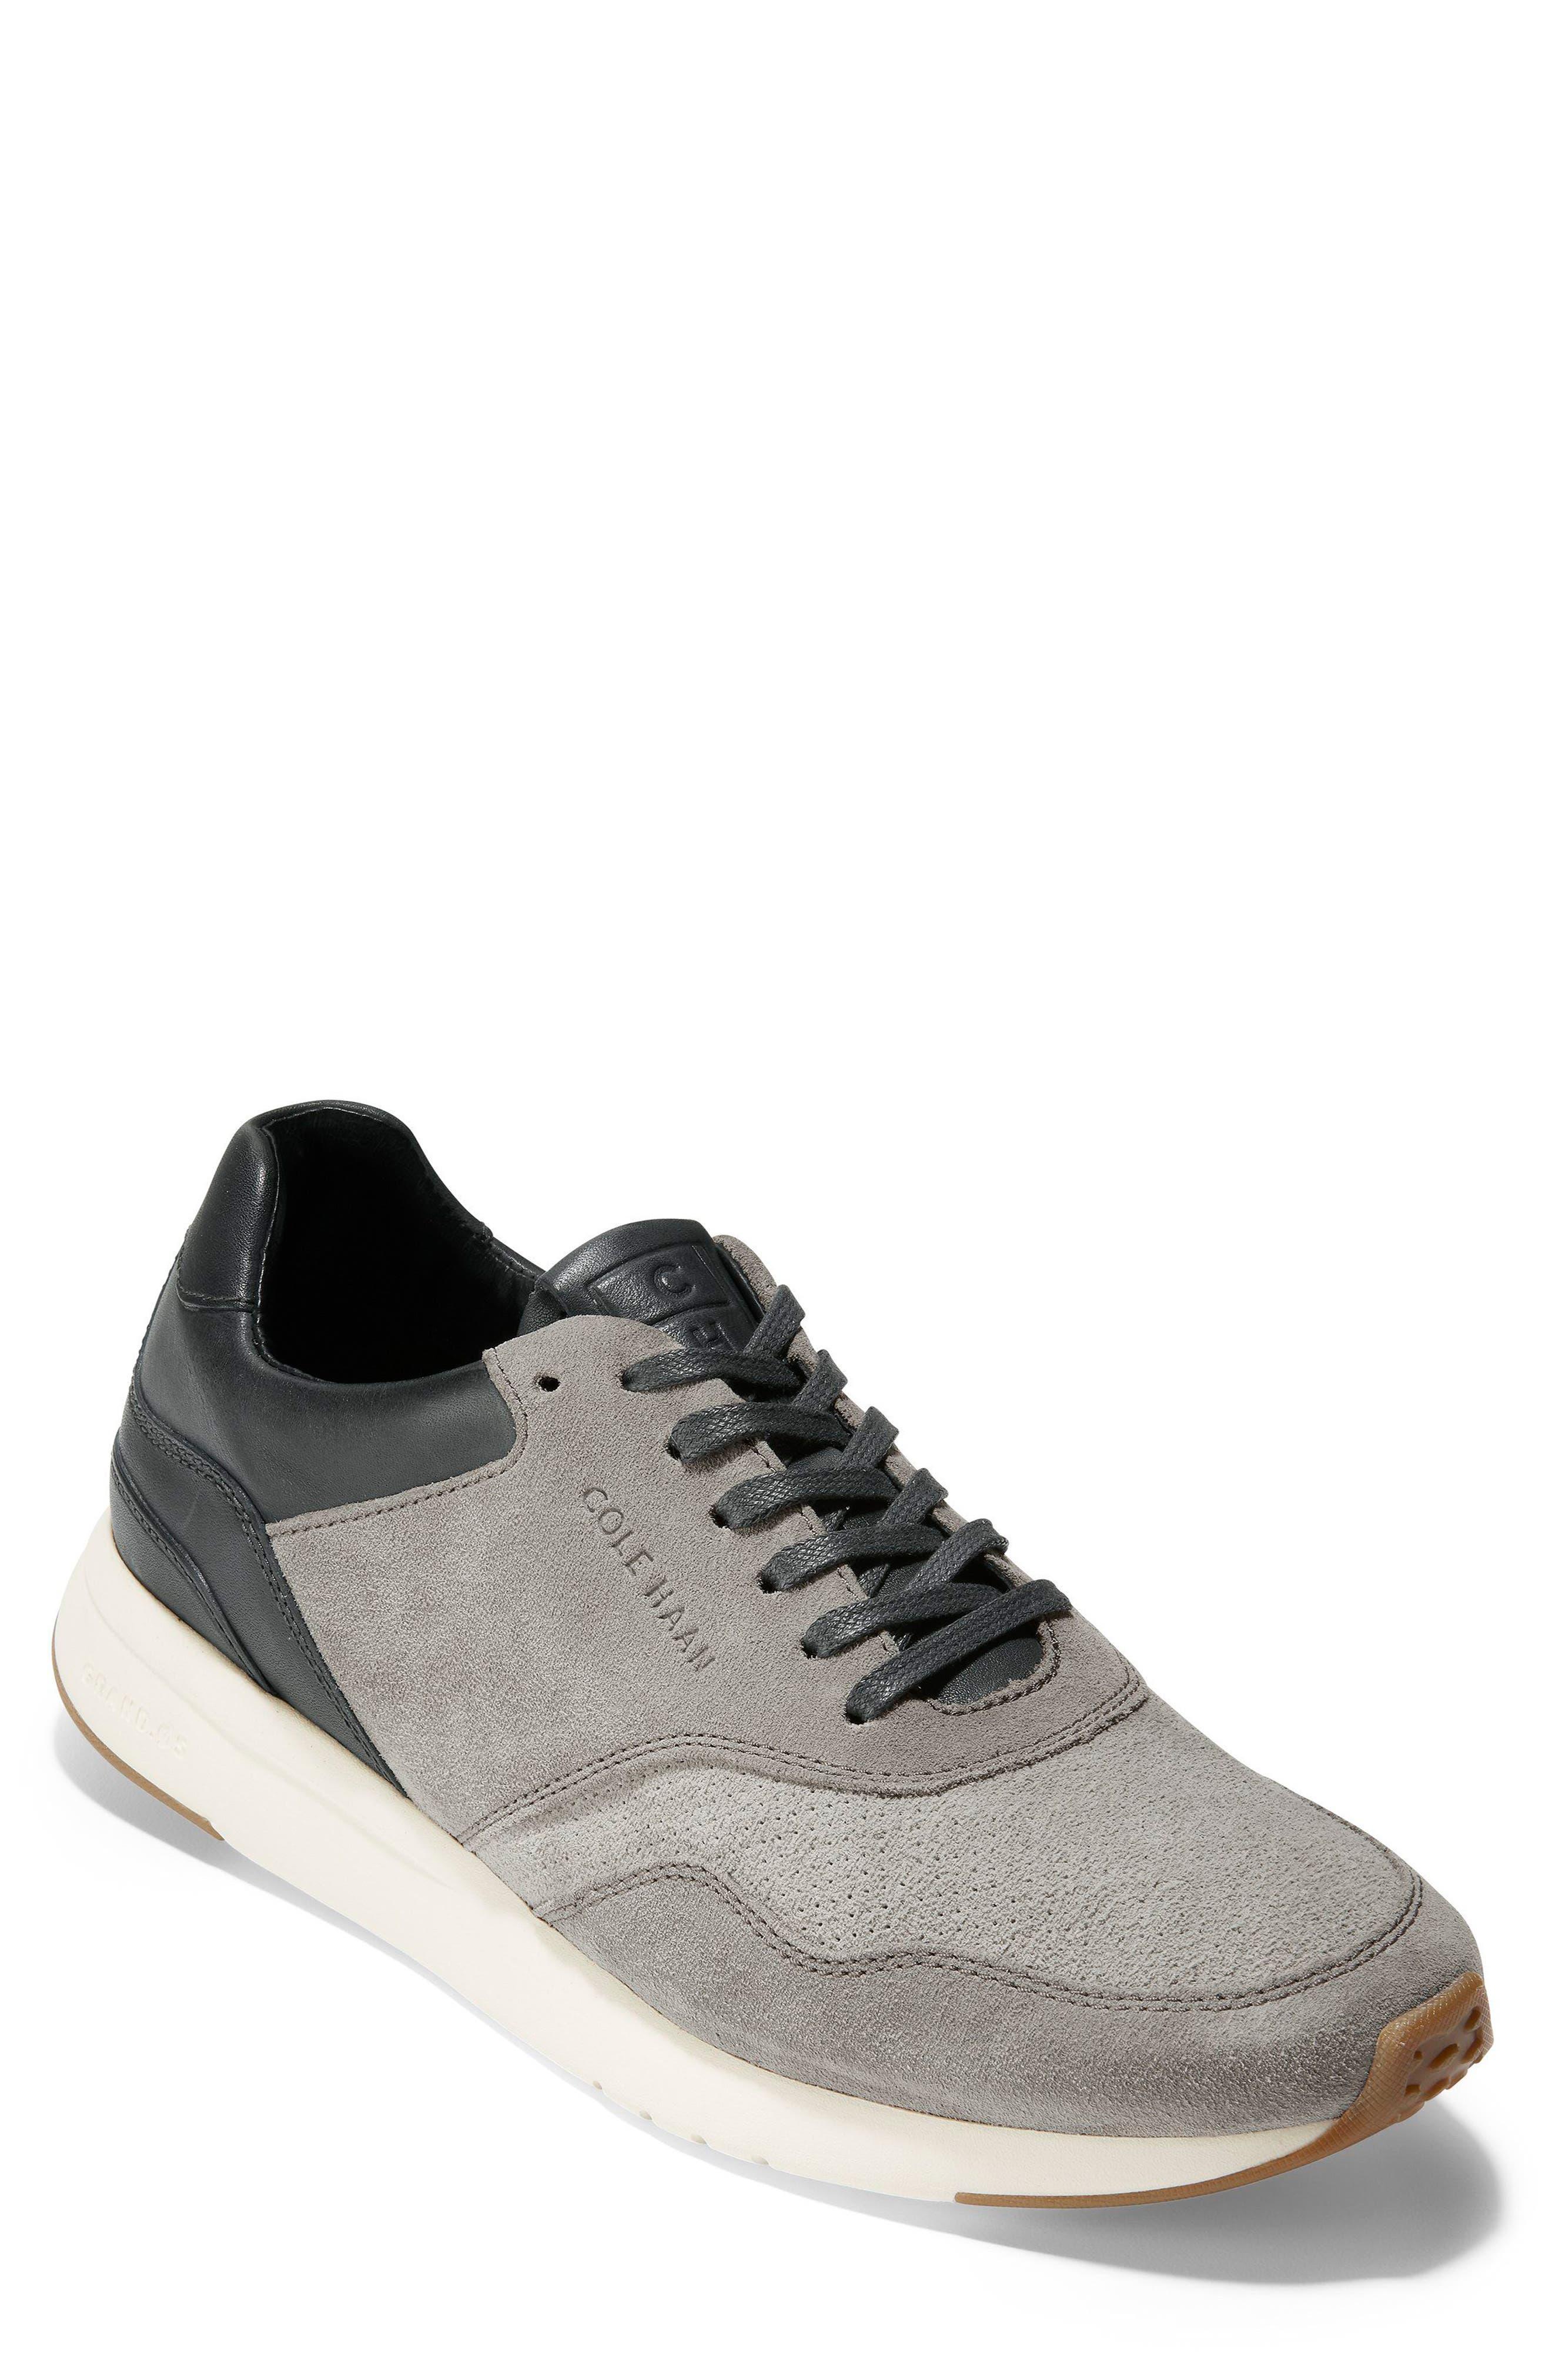 Alternate Image 1 Selected - Cole Haan GrandPro Runner Sneaker (Men)